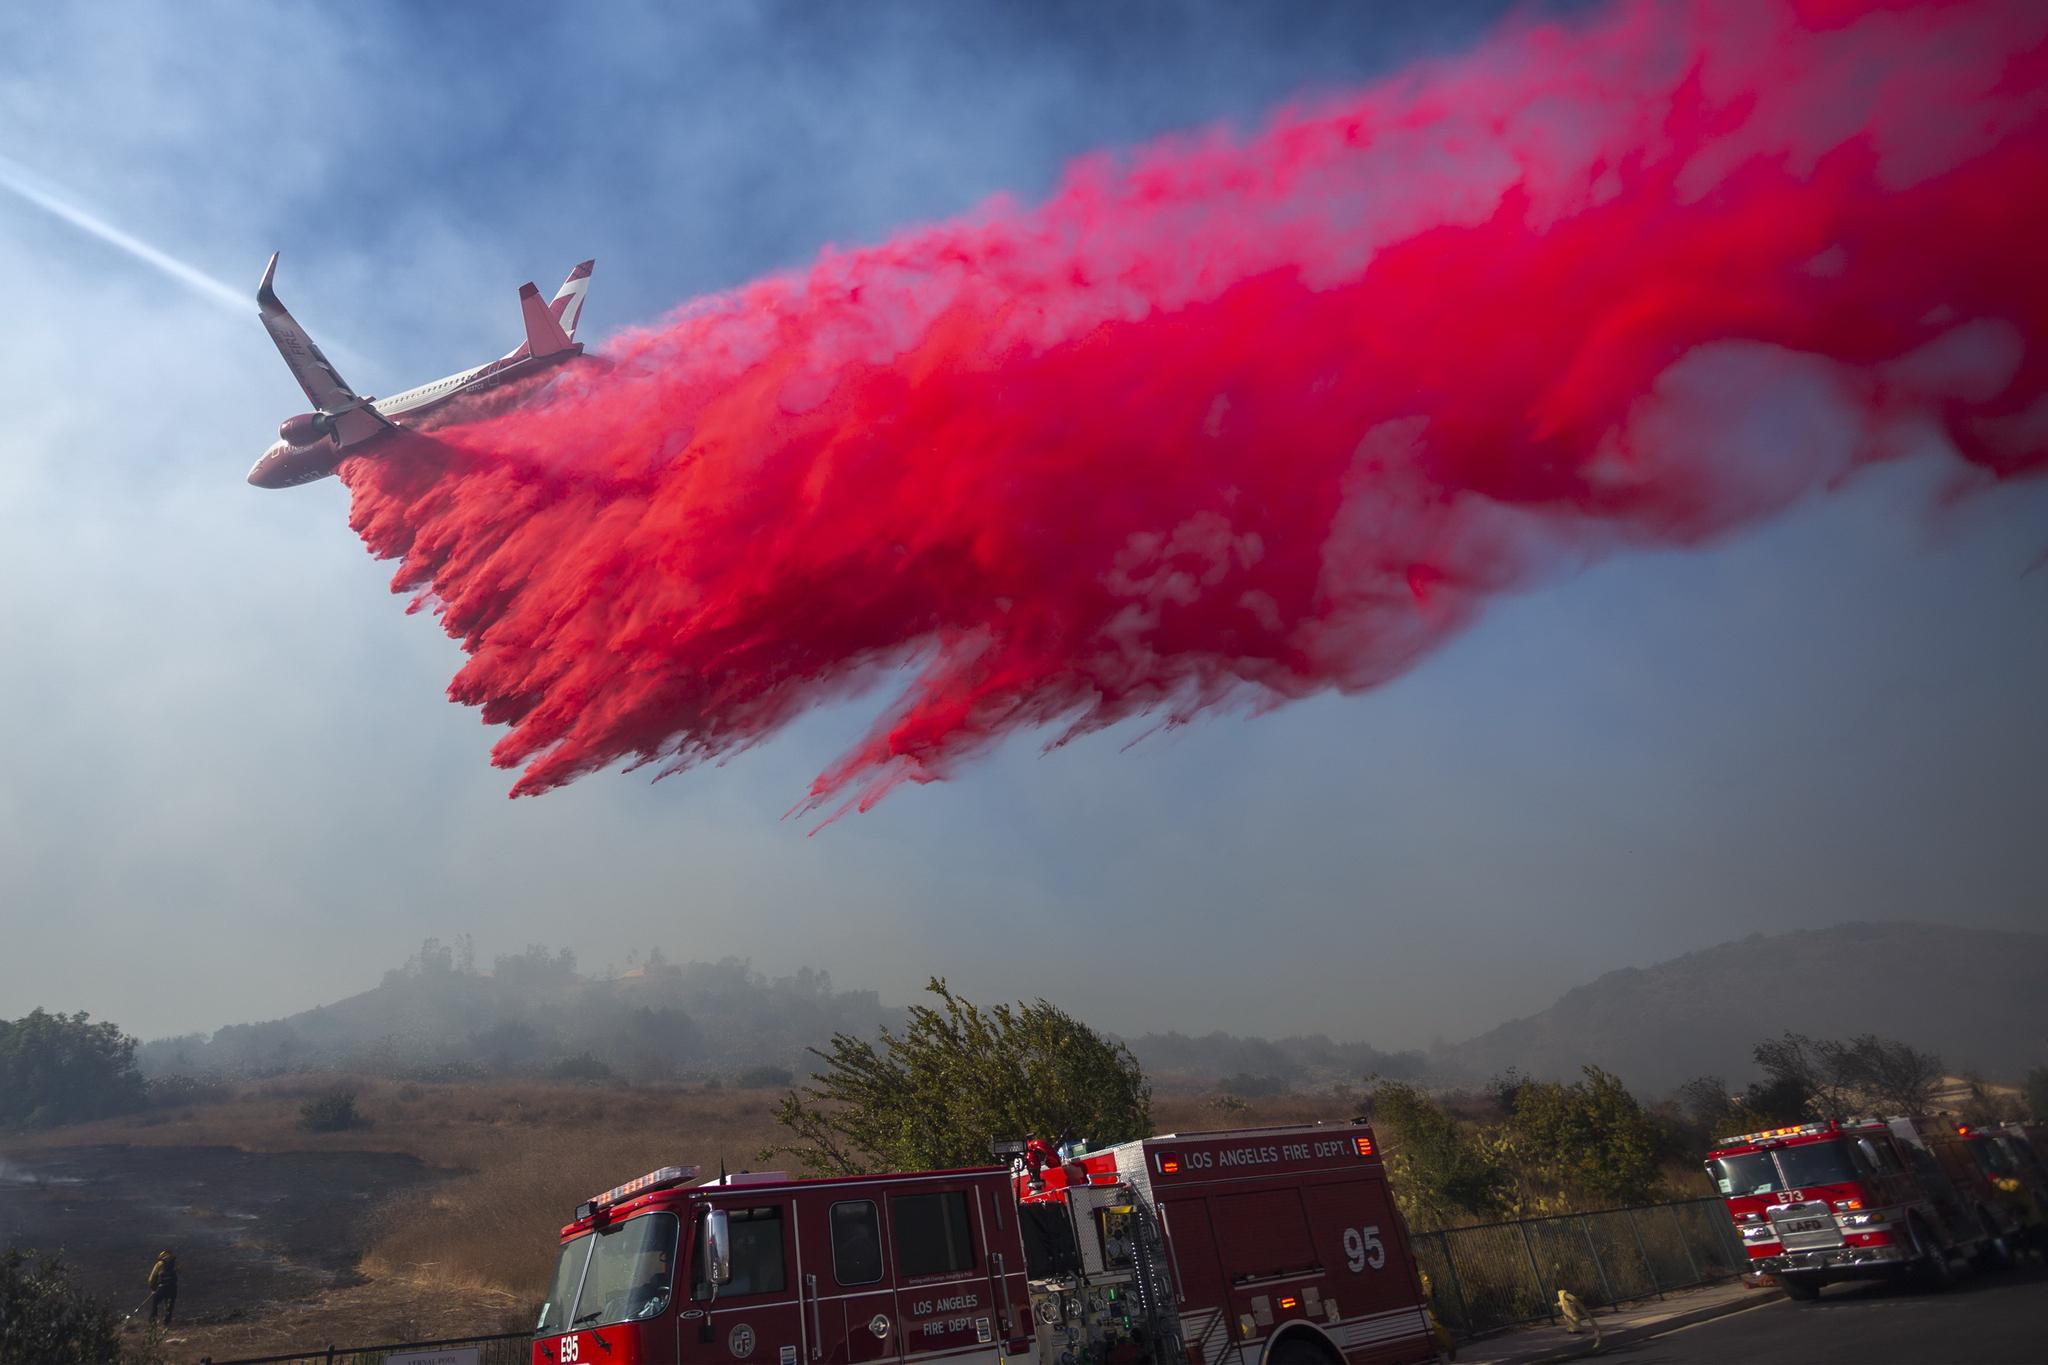 10월 30일 미국 캘리포니아 시미 계곡의 23번 프리웨이 상공에서 화재 진압용 비행기가 불이 옮겨붙을 것으로 예상되는 지역에 방화제를 살포하고 있다. [AFP=연합뉴스]